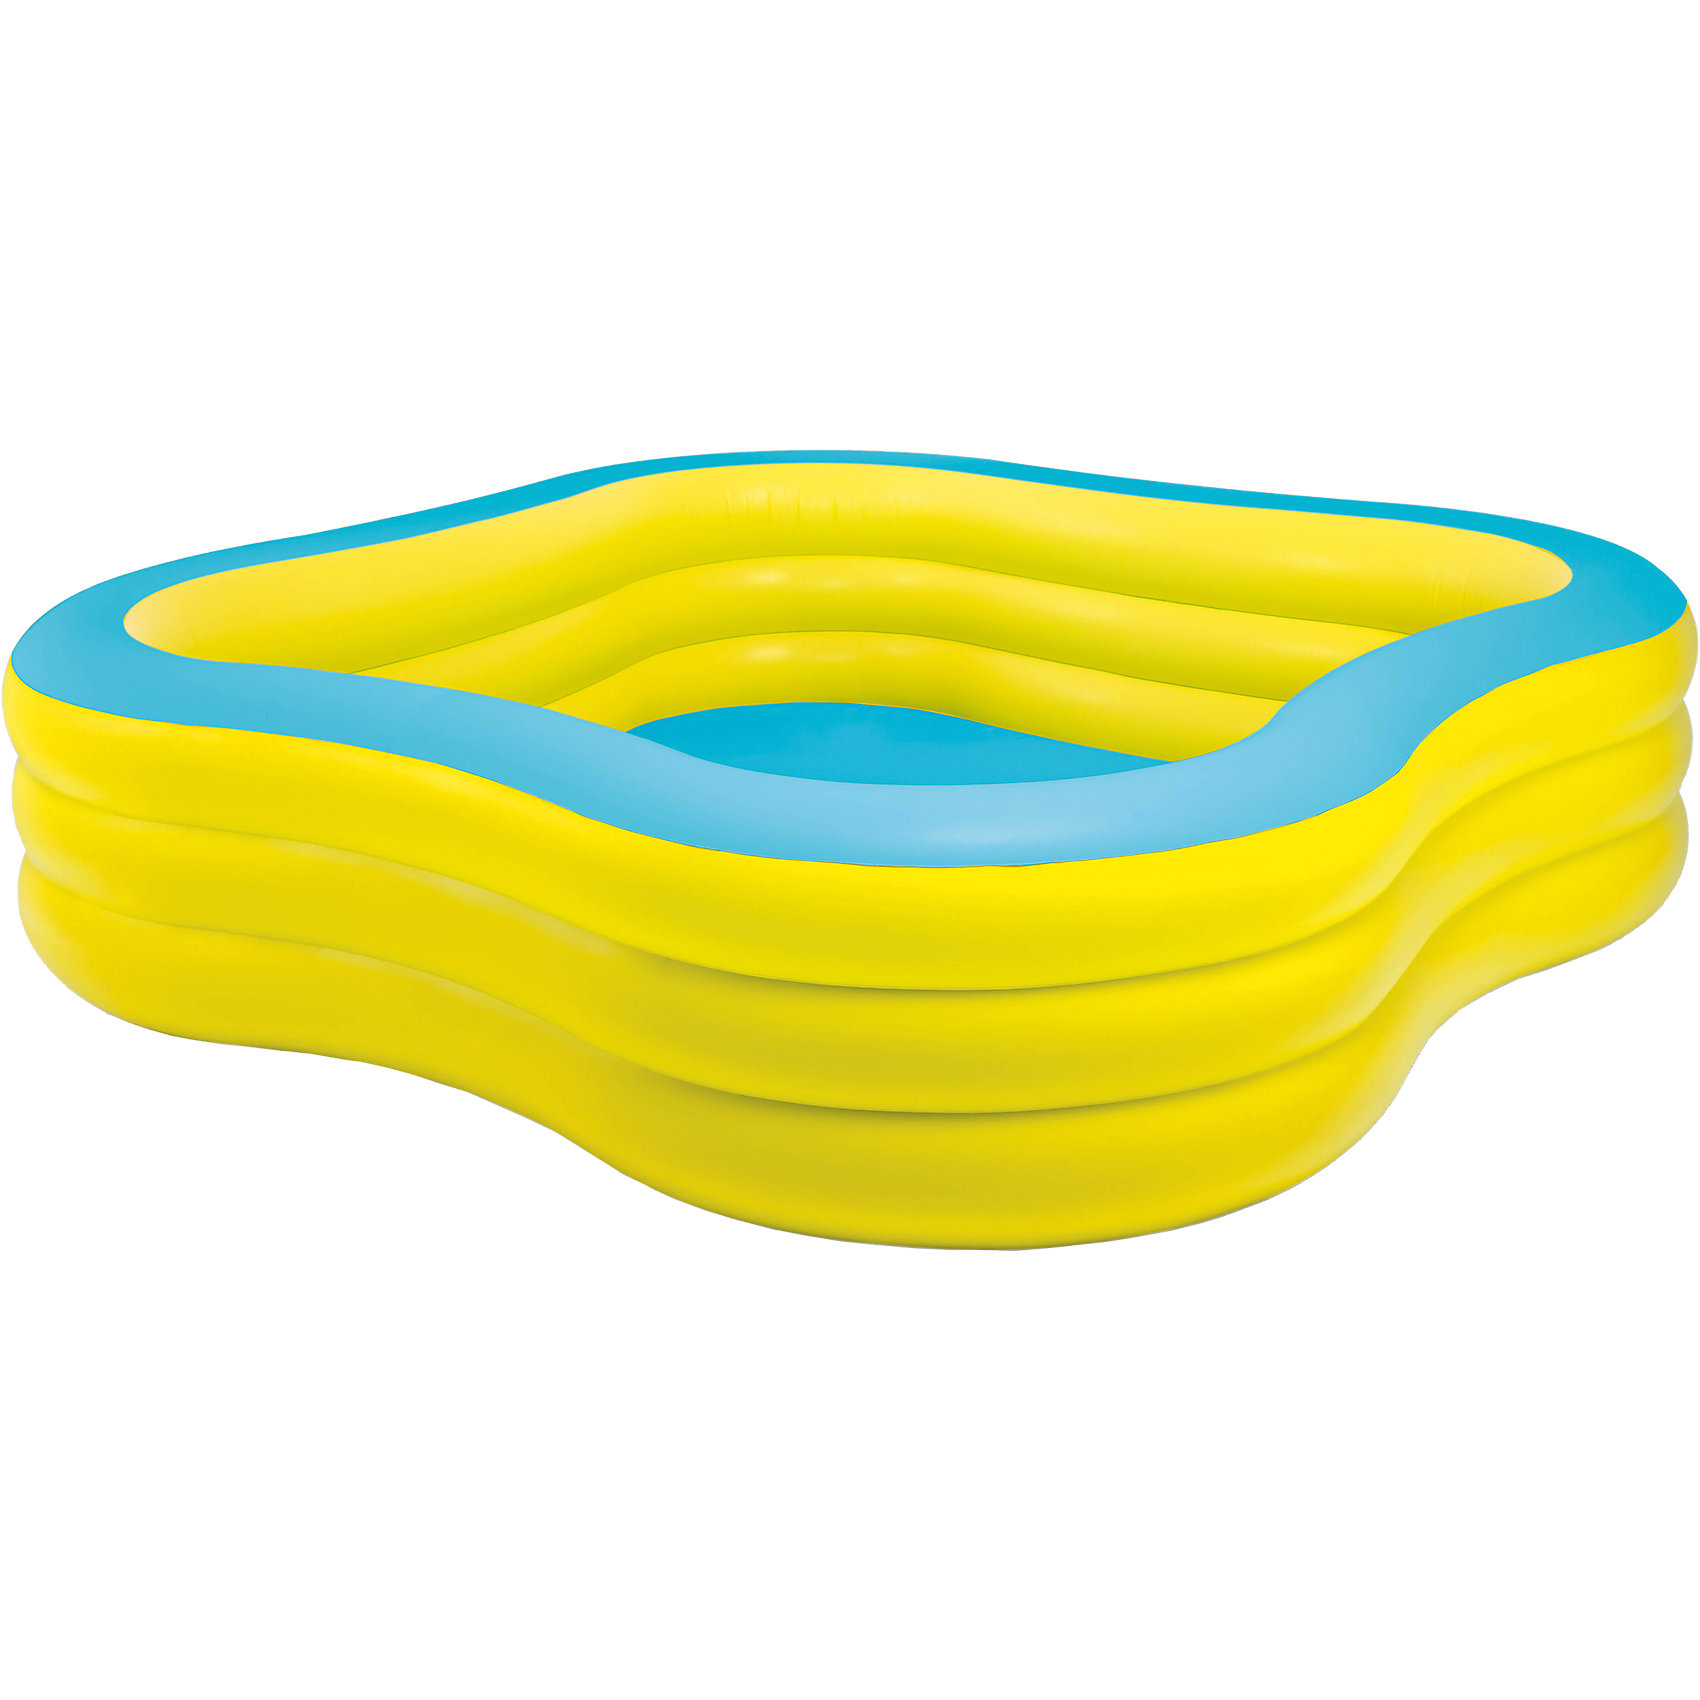 Детский надувной бассейн Семейный, IntexБассейны<br>Характеристики товара:<br><br>• размер бассейна: 229x229x56 см<br>• материал: винил<br>• объем: 925 л (при 80% наполнении) <br>• вес: 7,4 кг <br>• толщина стенок: 0.36 мм <br>• дно ненадувное<br><br>Детский надувной бассейн Семейный, Intex (Интекс) имеет очень необычную форму. <br><br>Бассейн очень вместительный и позволяет одновременно пребывать в бассейне нескольким взрослым и детям. <br><br>Очень широкие, упругие, прочные раздельные надувные секции с двойными защитными клапанами, служат в данной модели бассейна бортиками, на которых, при желании можно очень удобно расположиться.<br><br>Детский надувной бассейн Семейный, Intex (Интекс) можно купить в нашем интернет-магазине.<br><br>Ширина мм: 459<br>Глубина мм: 403<br>Высота мм: 134<br>Вес г: 6620<br>Возраст от месяцев: 72<br>Возраст до месяцев: 1164<br>Пол: Унисекс<br>Возраст: Детский<br>SKU: 2535135